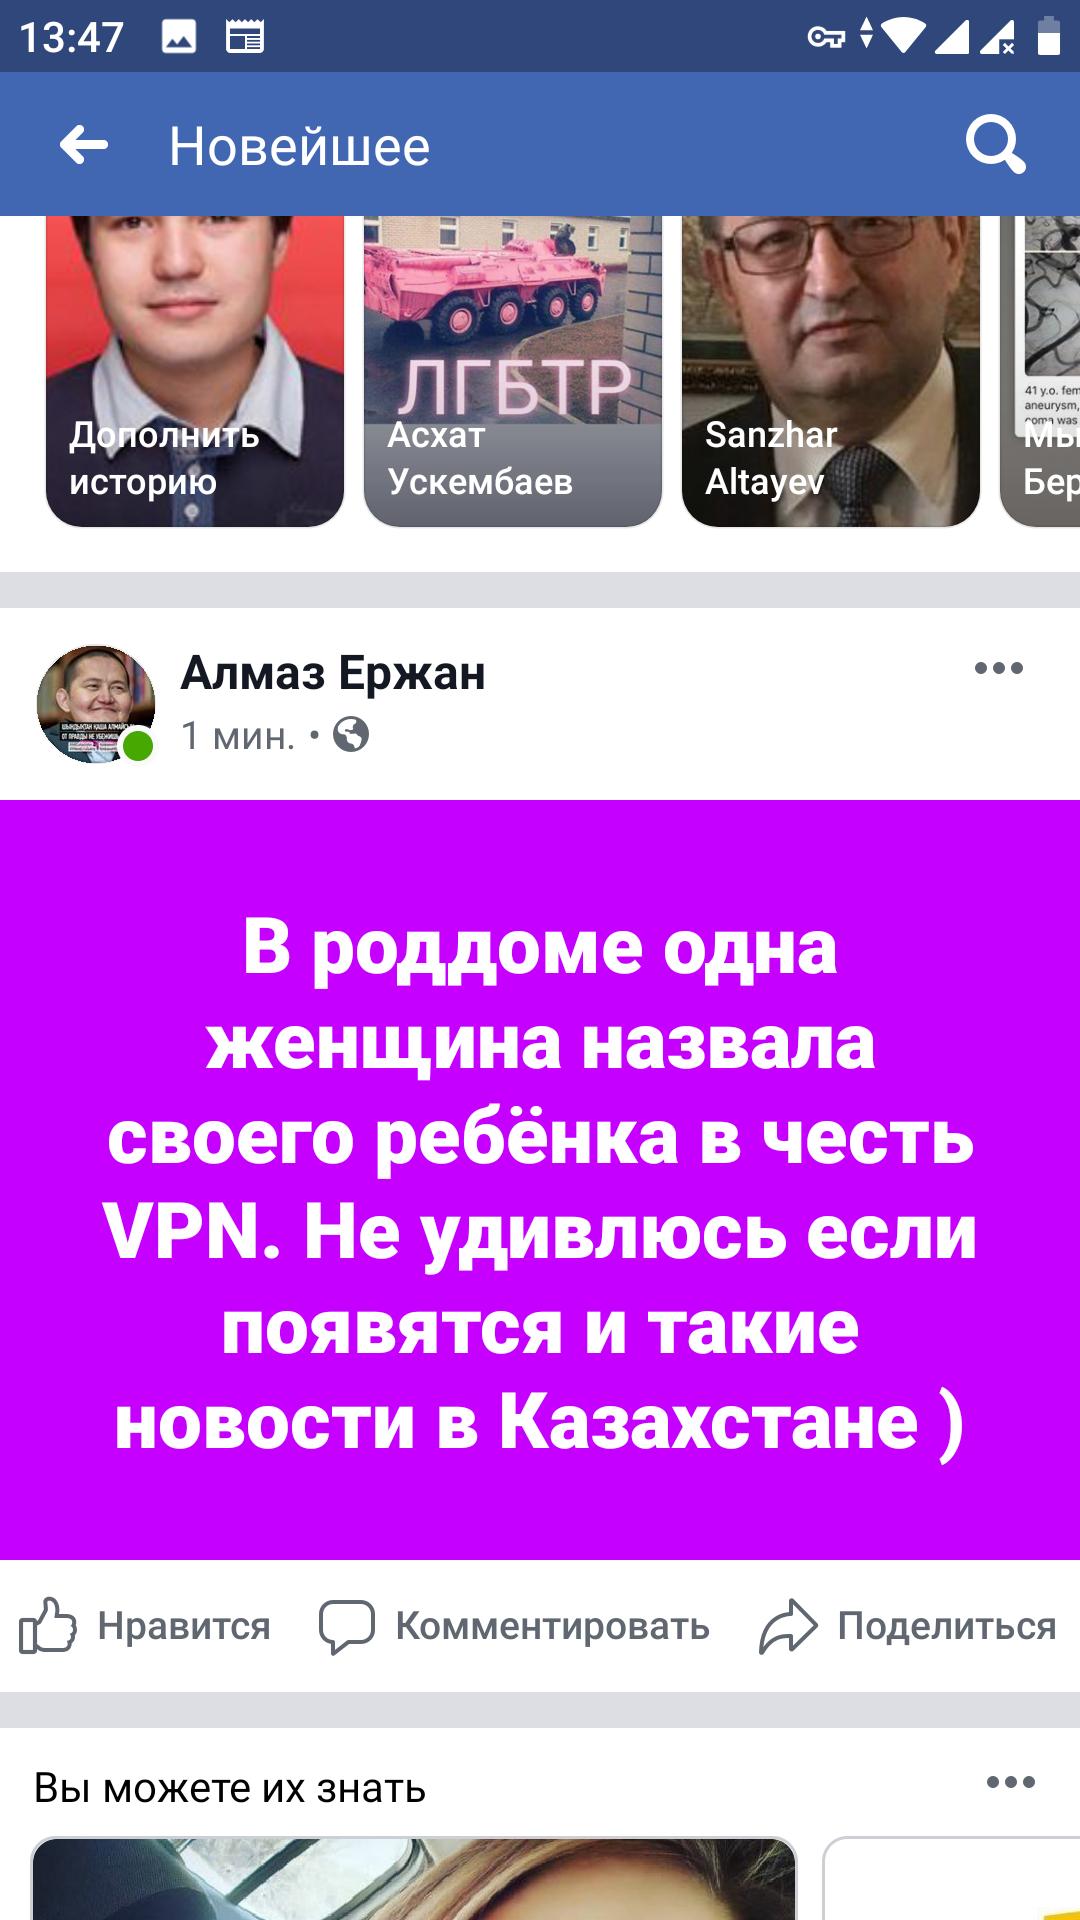 Жители Алматы снова испытывают проблемы с доступом к WhatsApp и соцсетям, фото-4